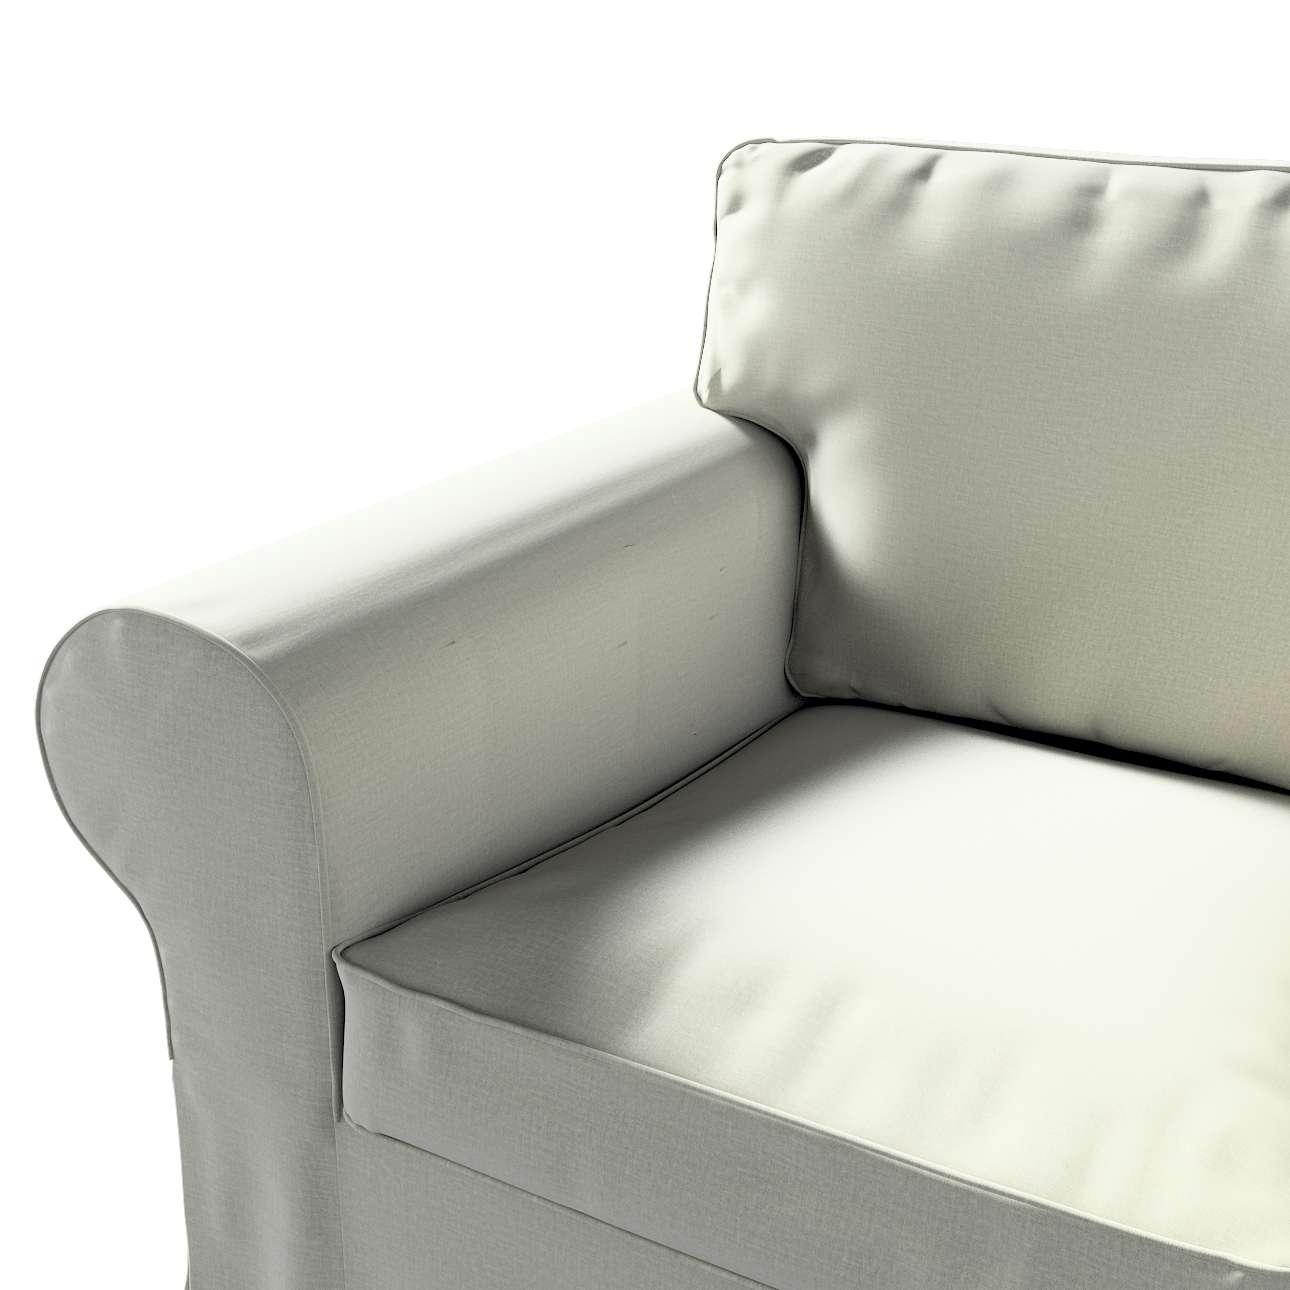 Pokrowiec na fotel Ektorp w kolekcji Ingrid, tkanina: 705-41